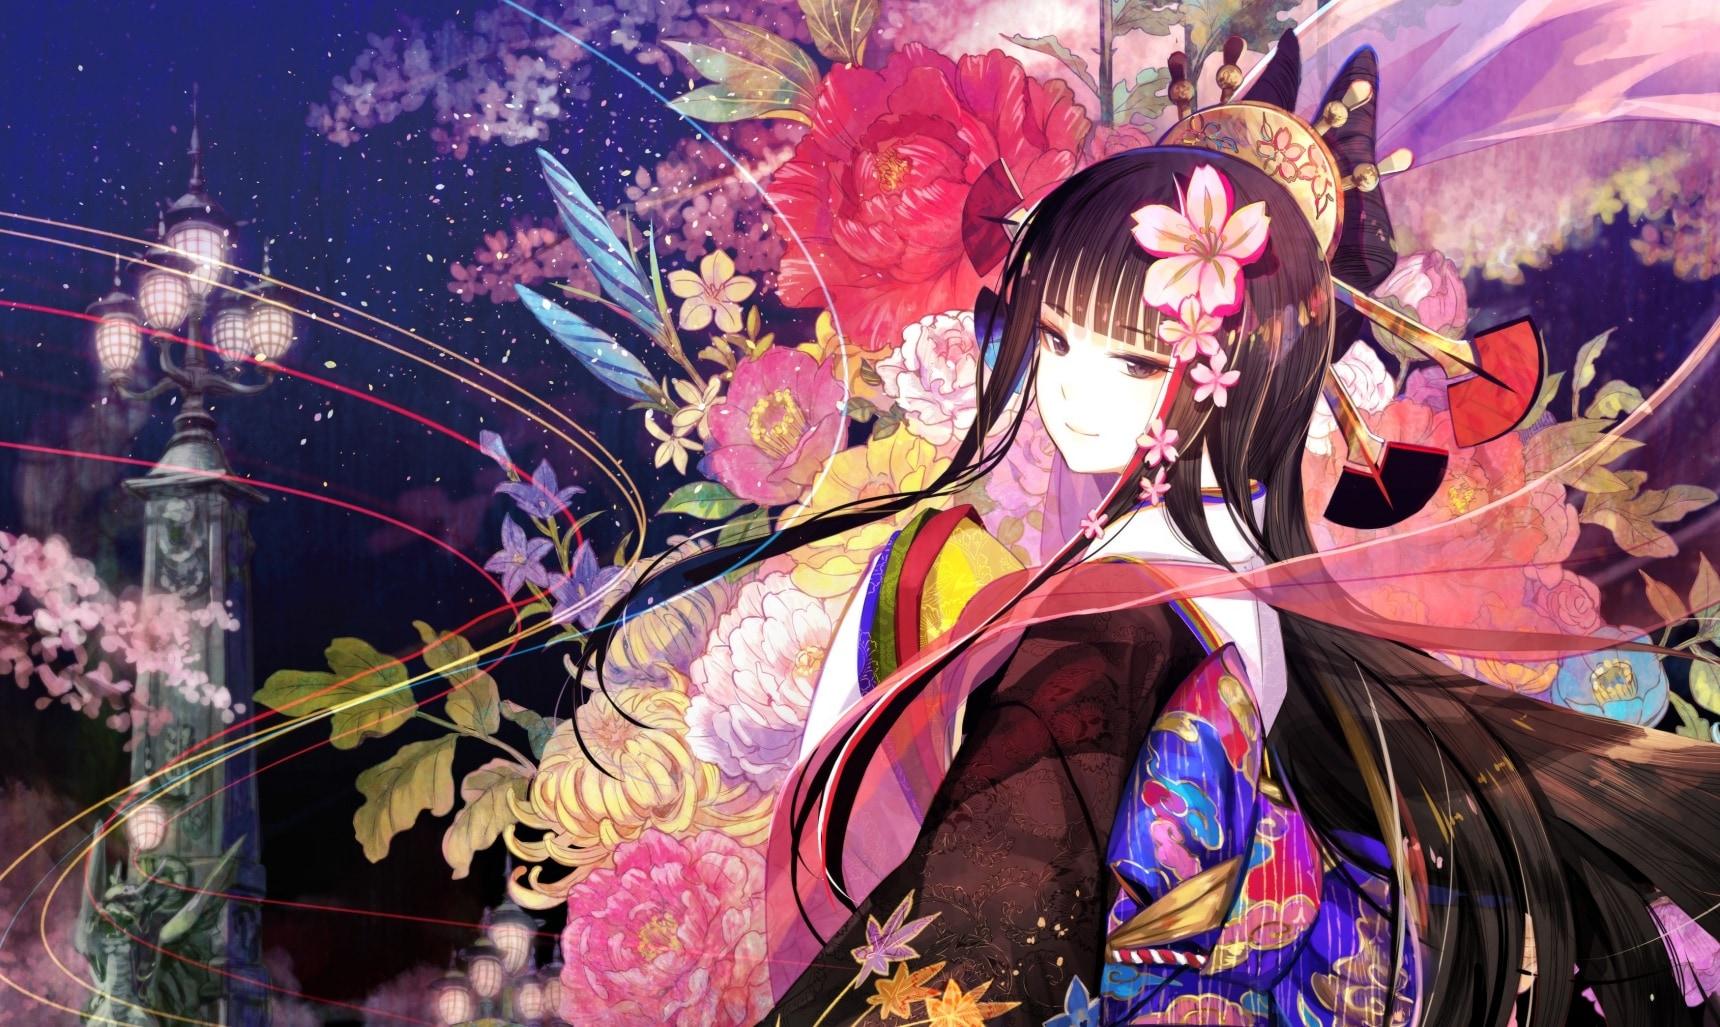 Sakura: A New Non-Verbal Musical Show in Tokyo